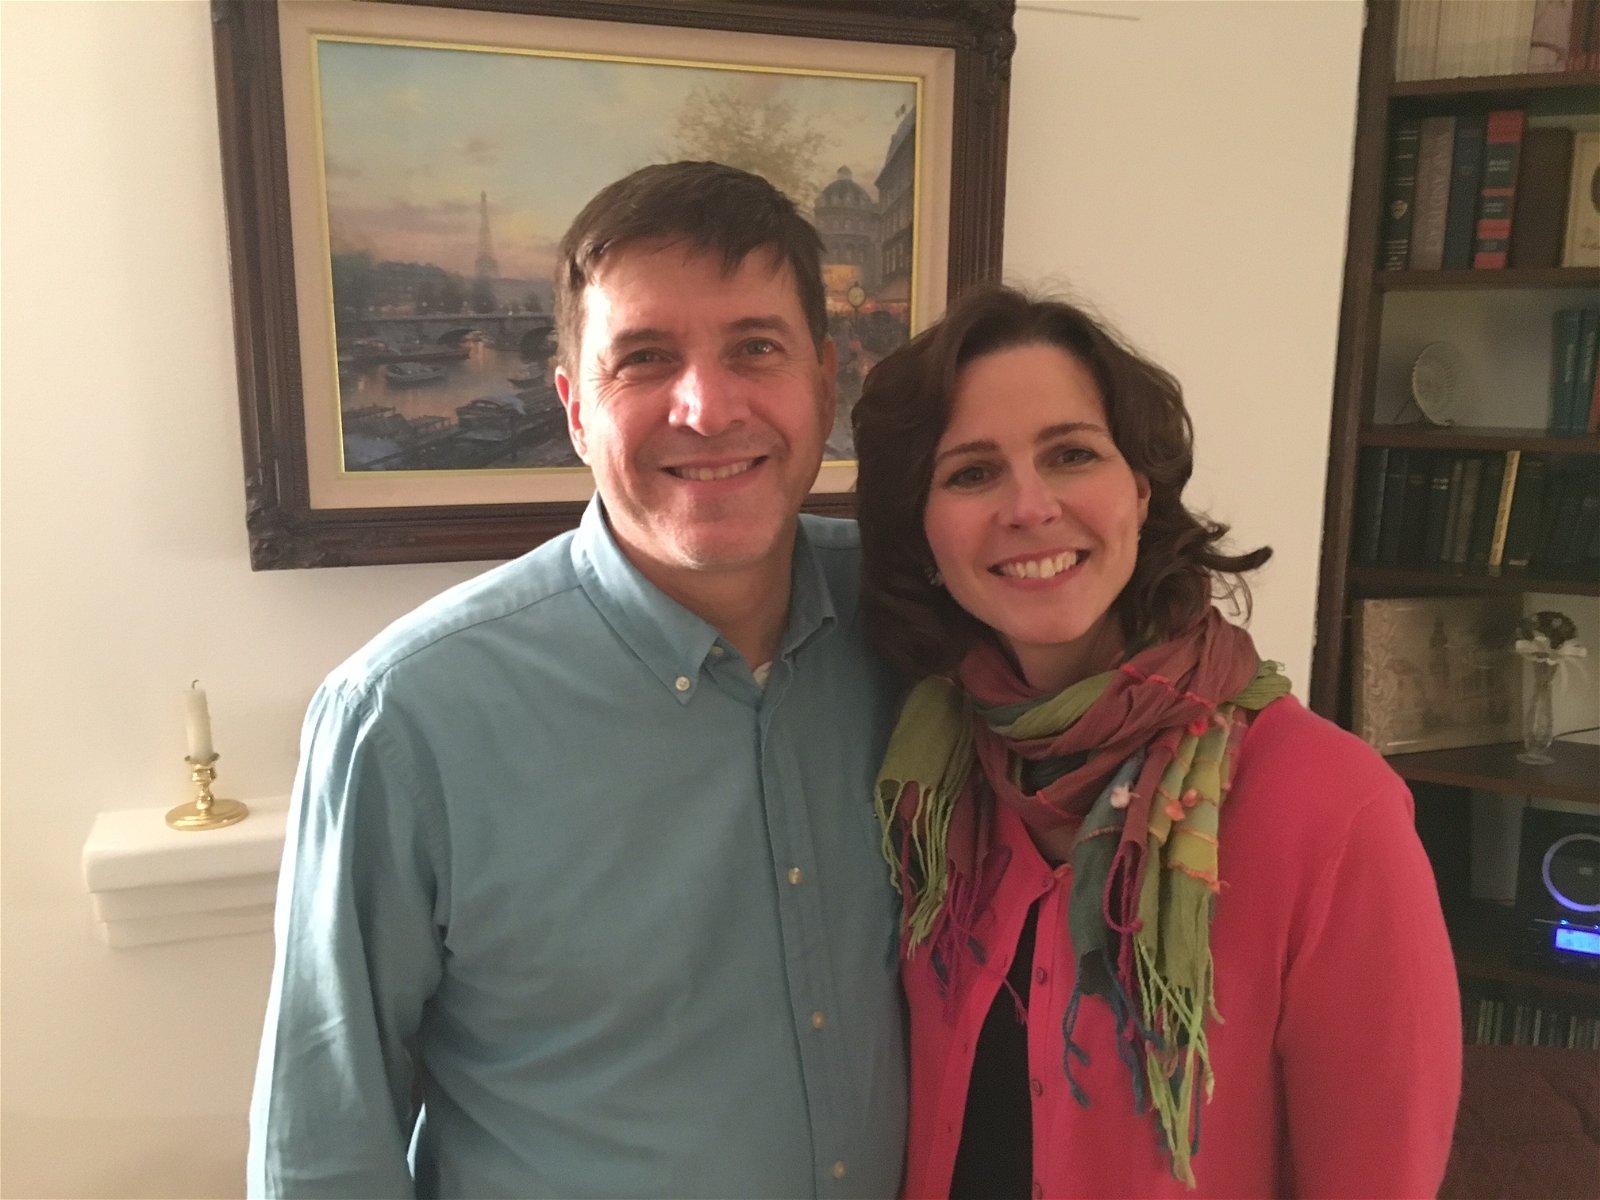 Todd and Sarah